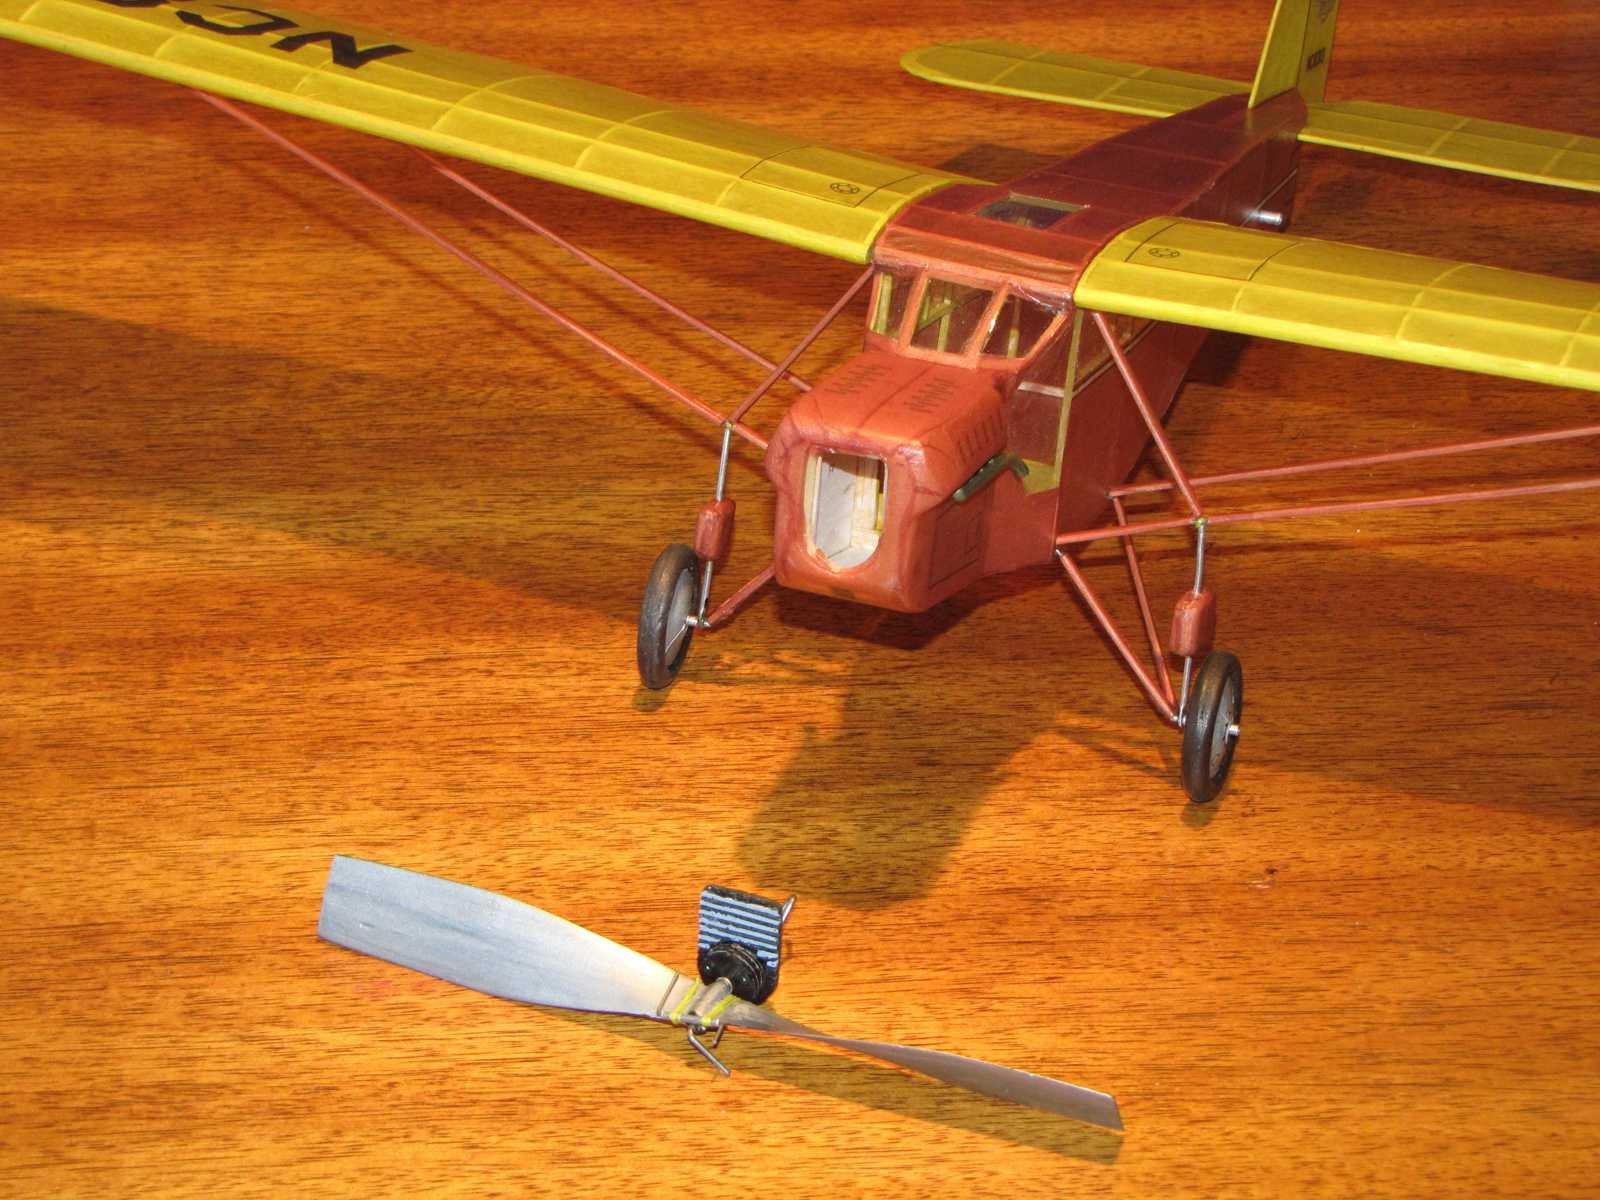 https://0201.nccdn.net/4_2/000/000/038/2d3/Curtiss-Robin_04F-1600x1200.jpg